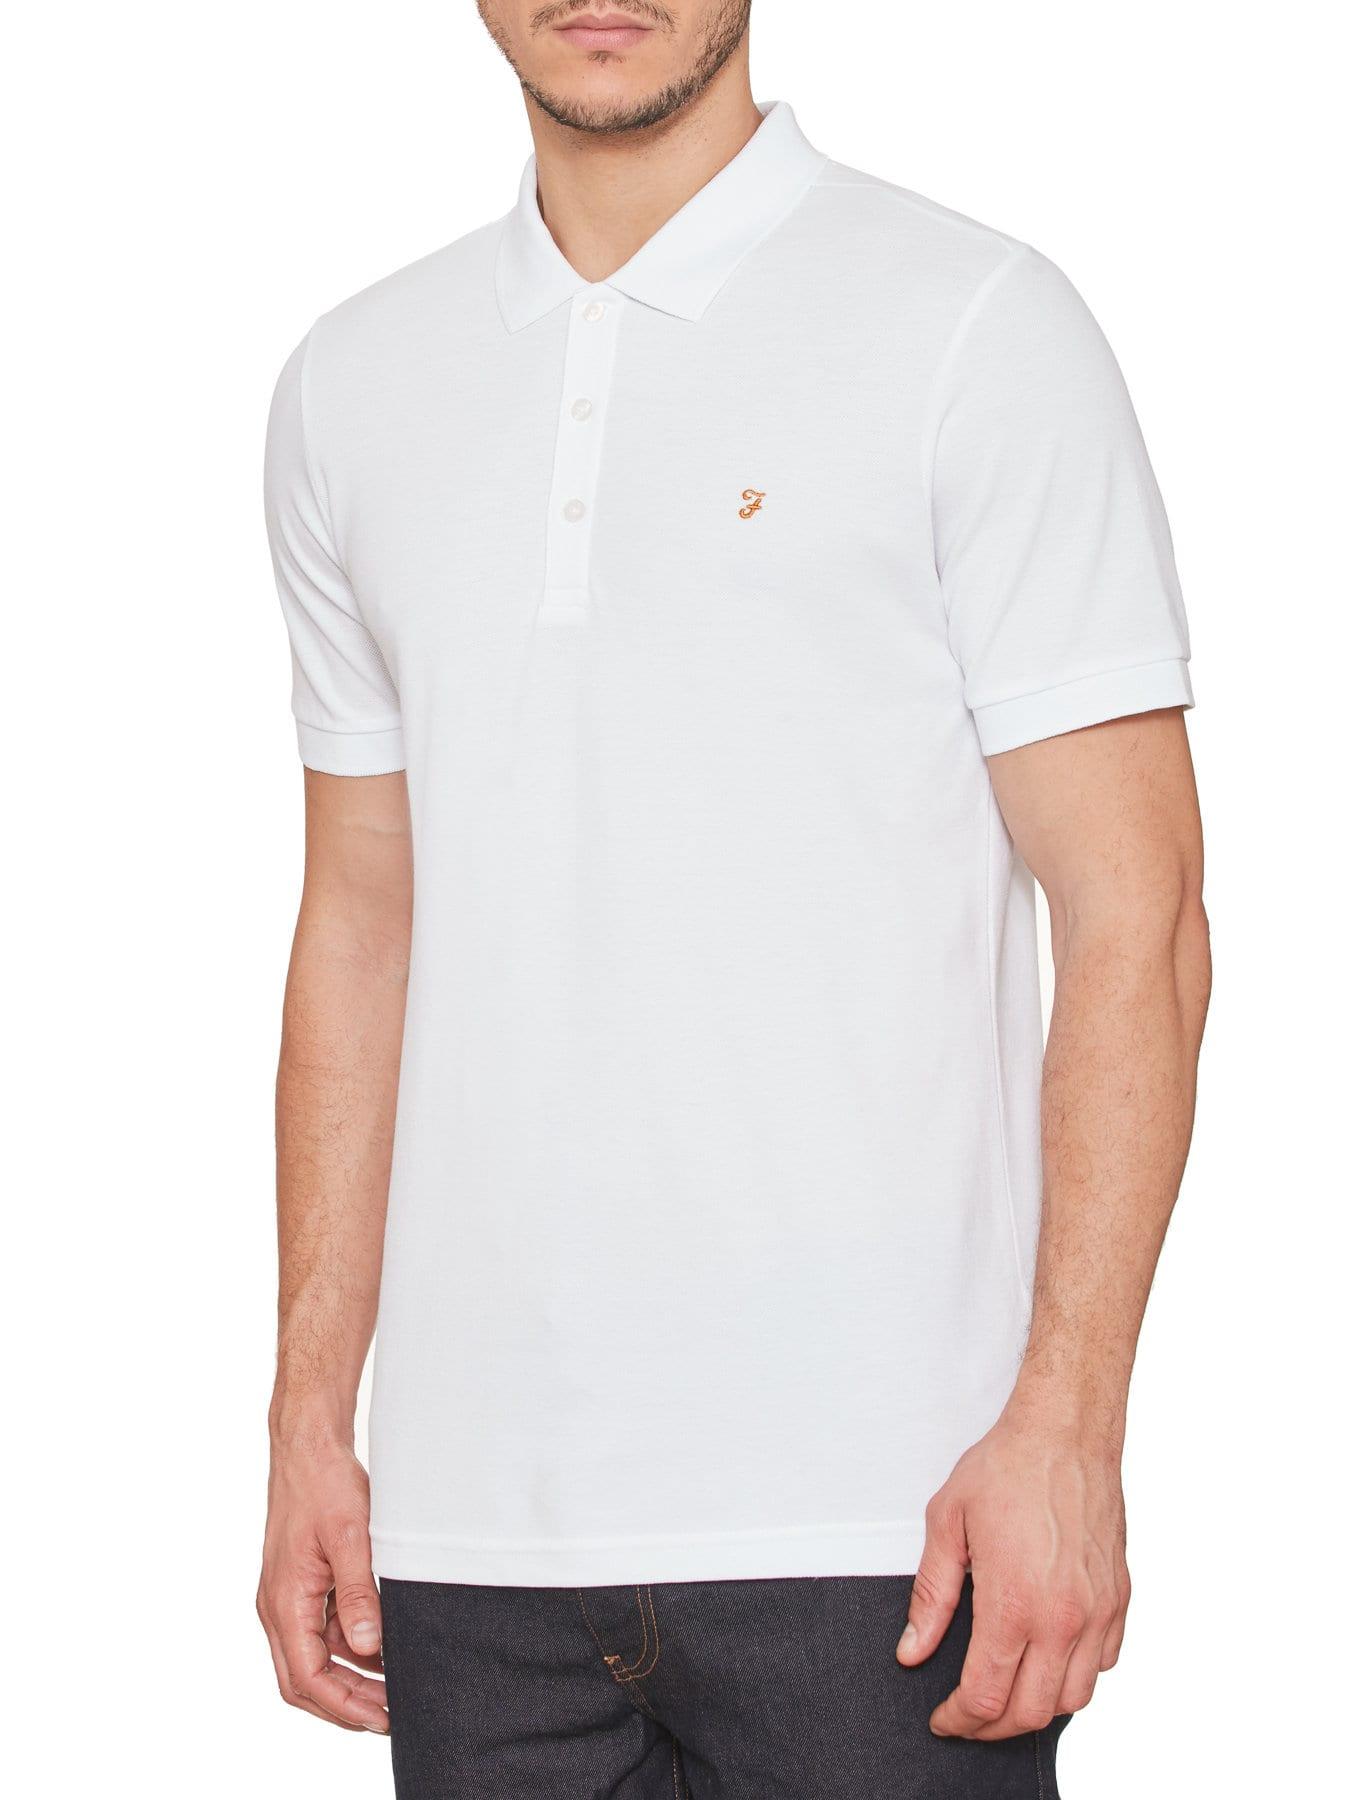 a5a2f4a77 Farah - Polo Blaney blanco - Regaliz Funwear